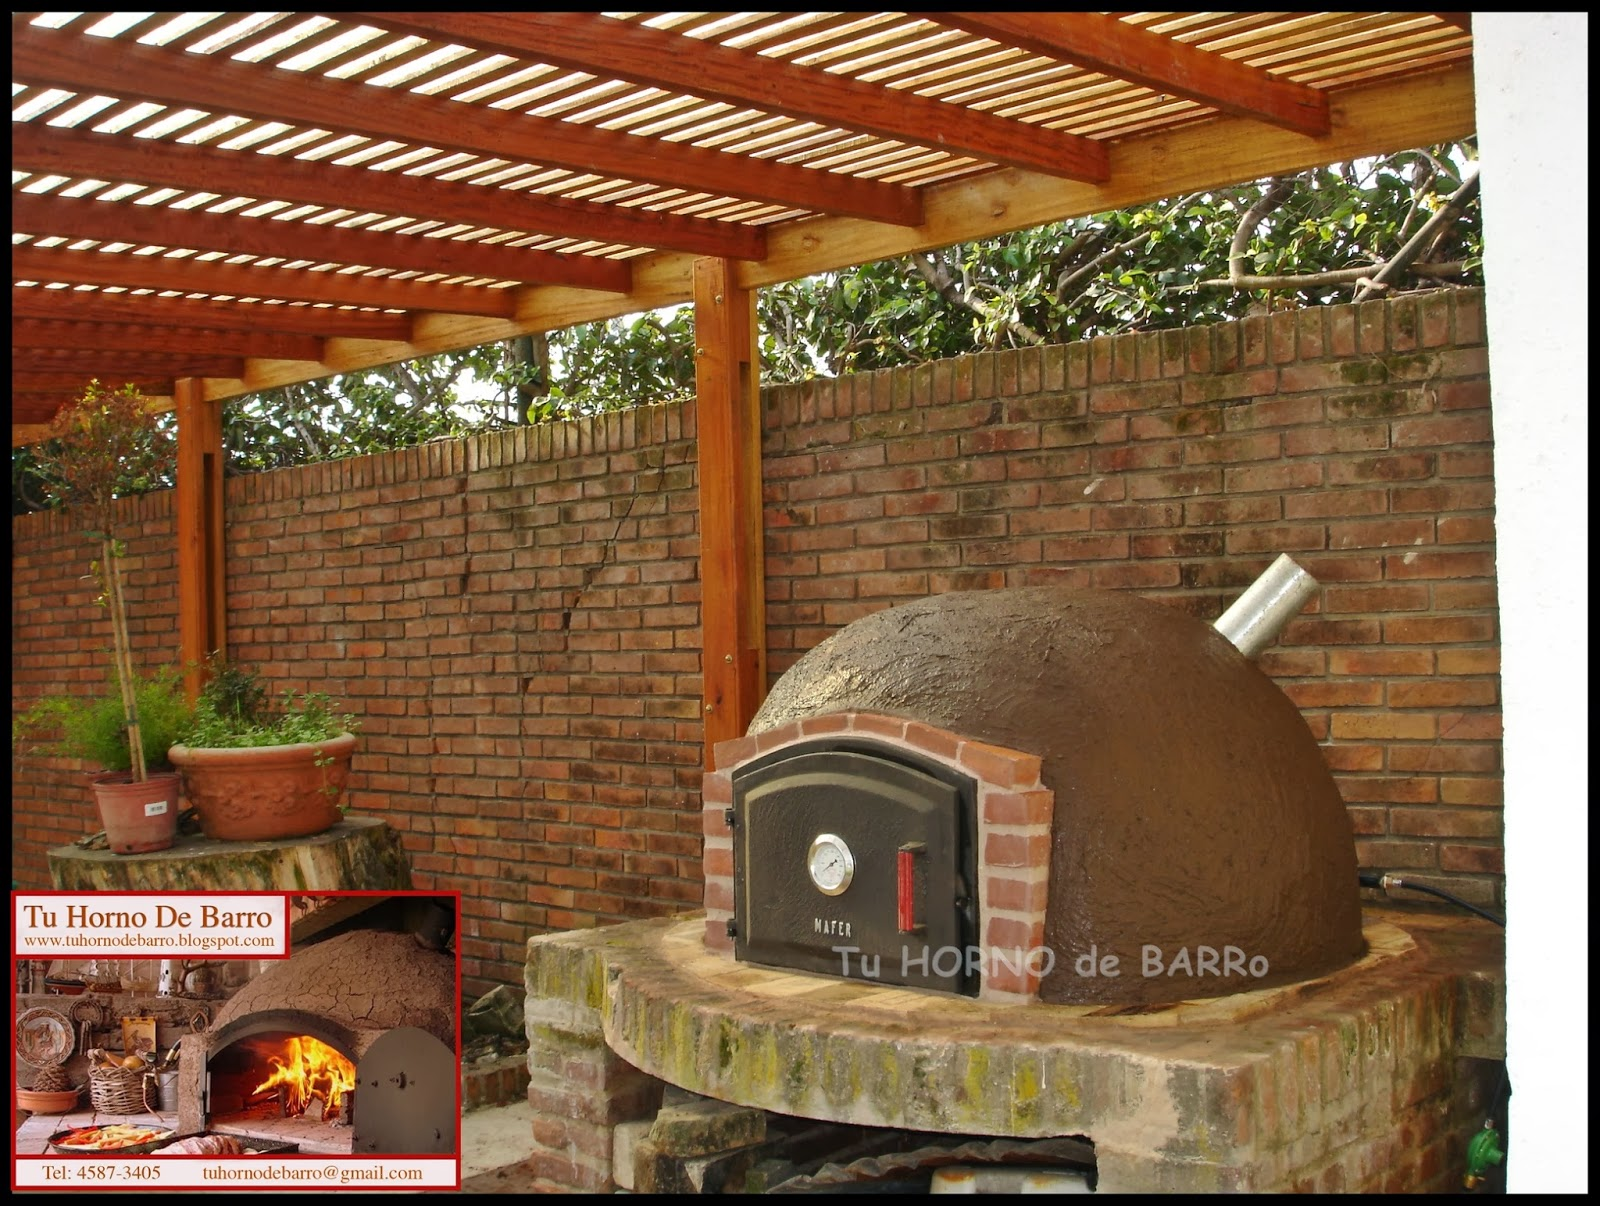 Tu horno de barro hornos de barro artesanales - Horno para casa ...